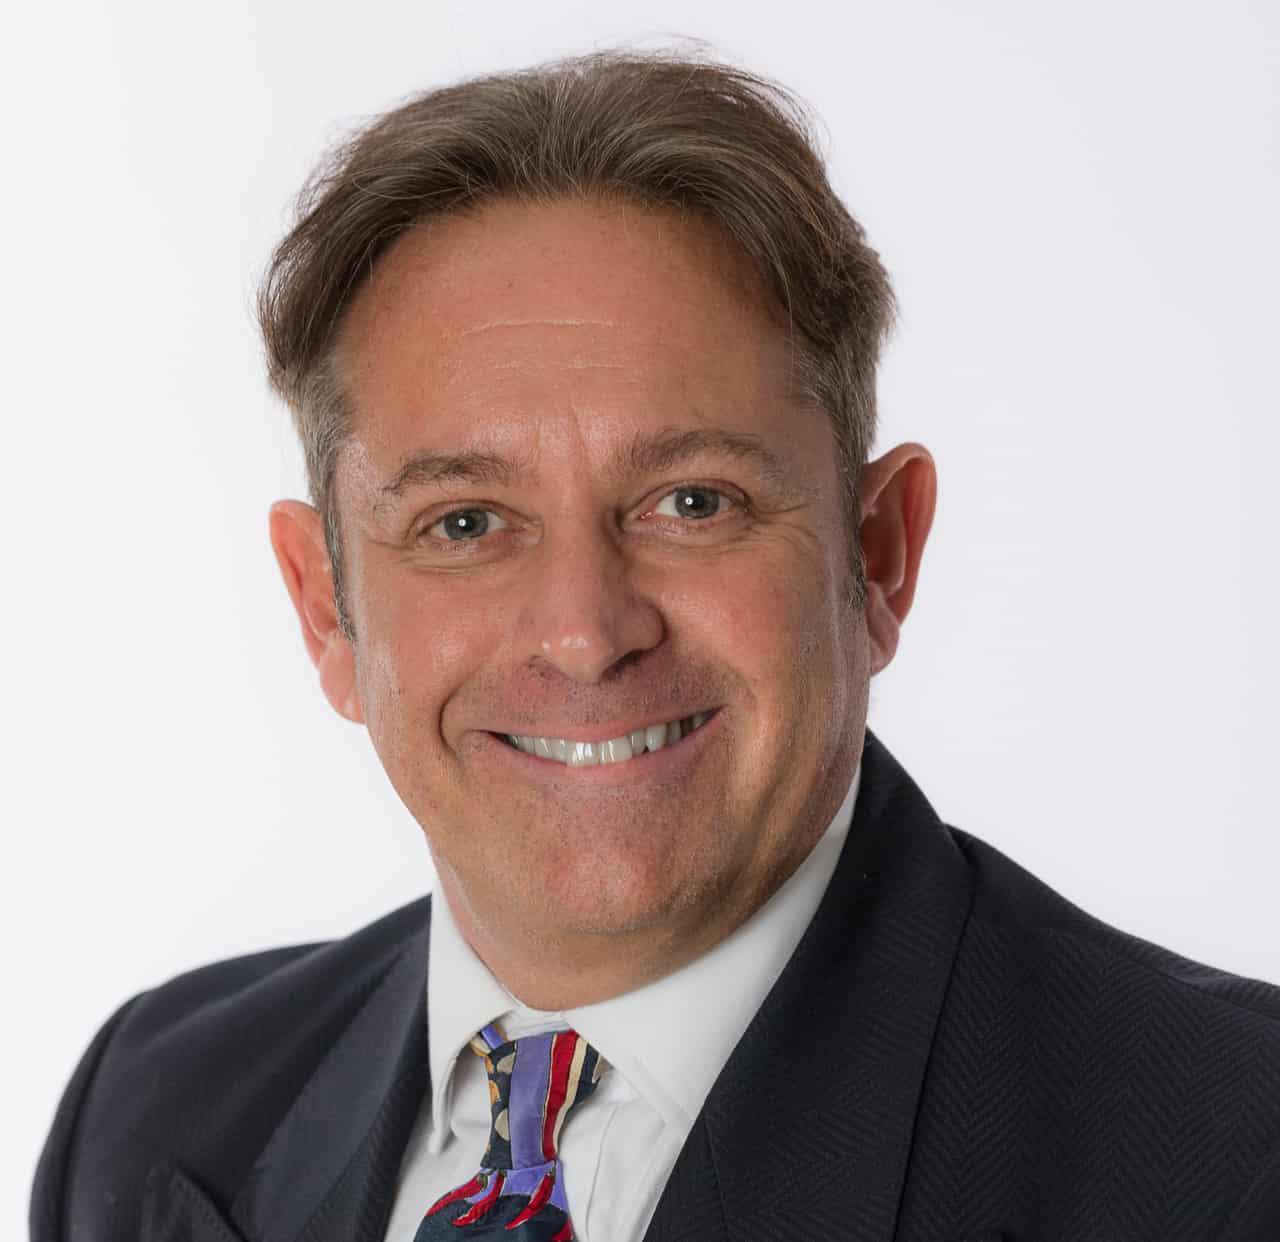 Jeremy Dysch